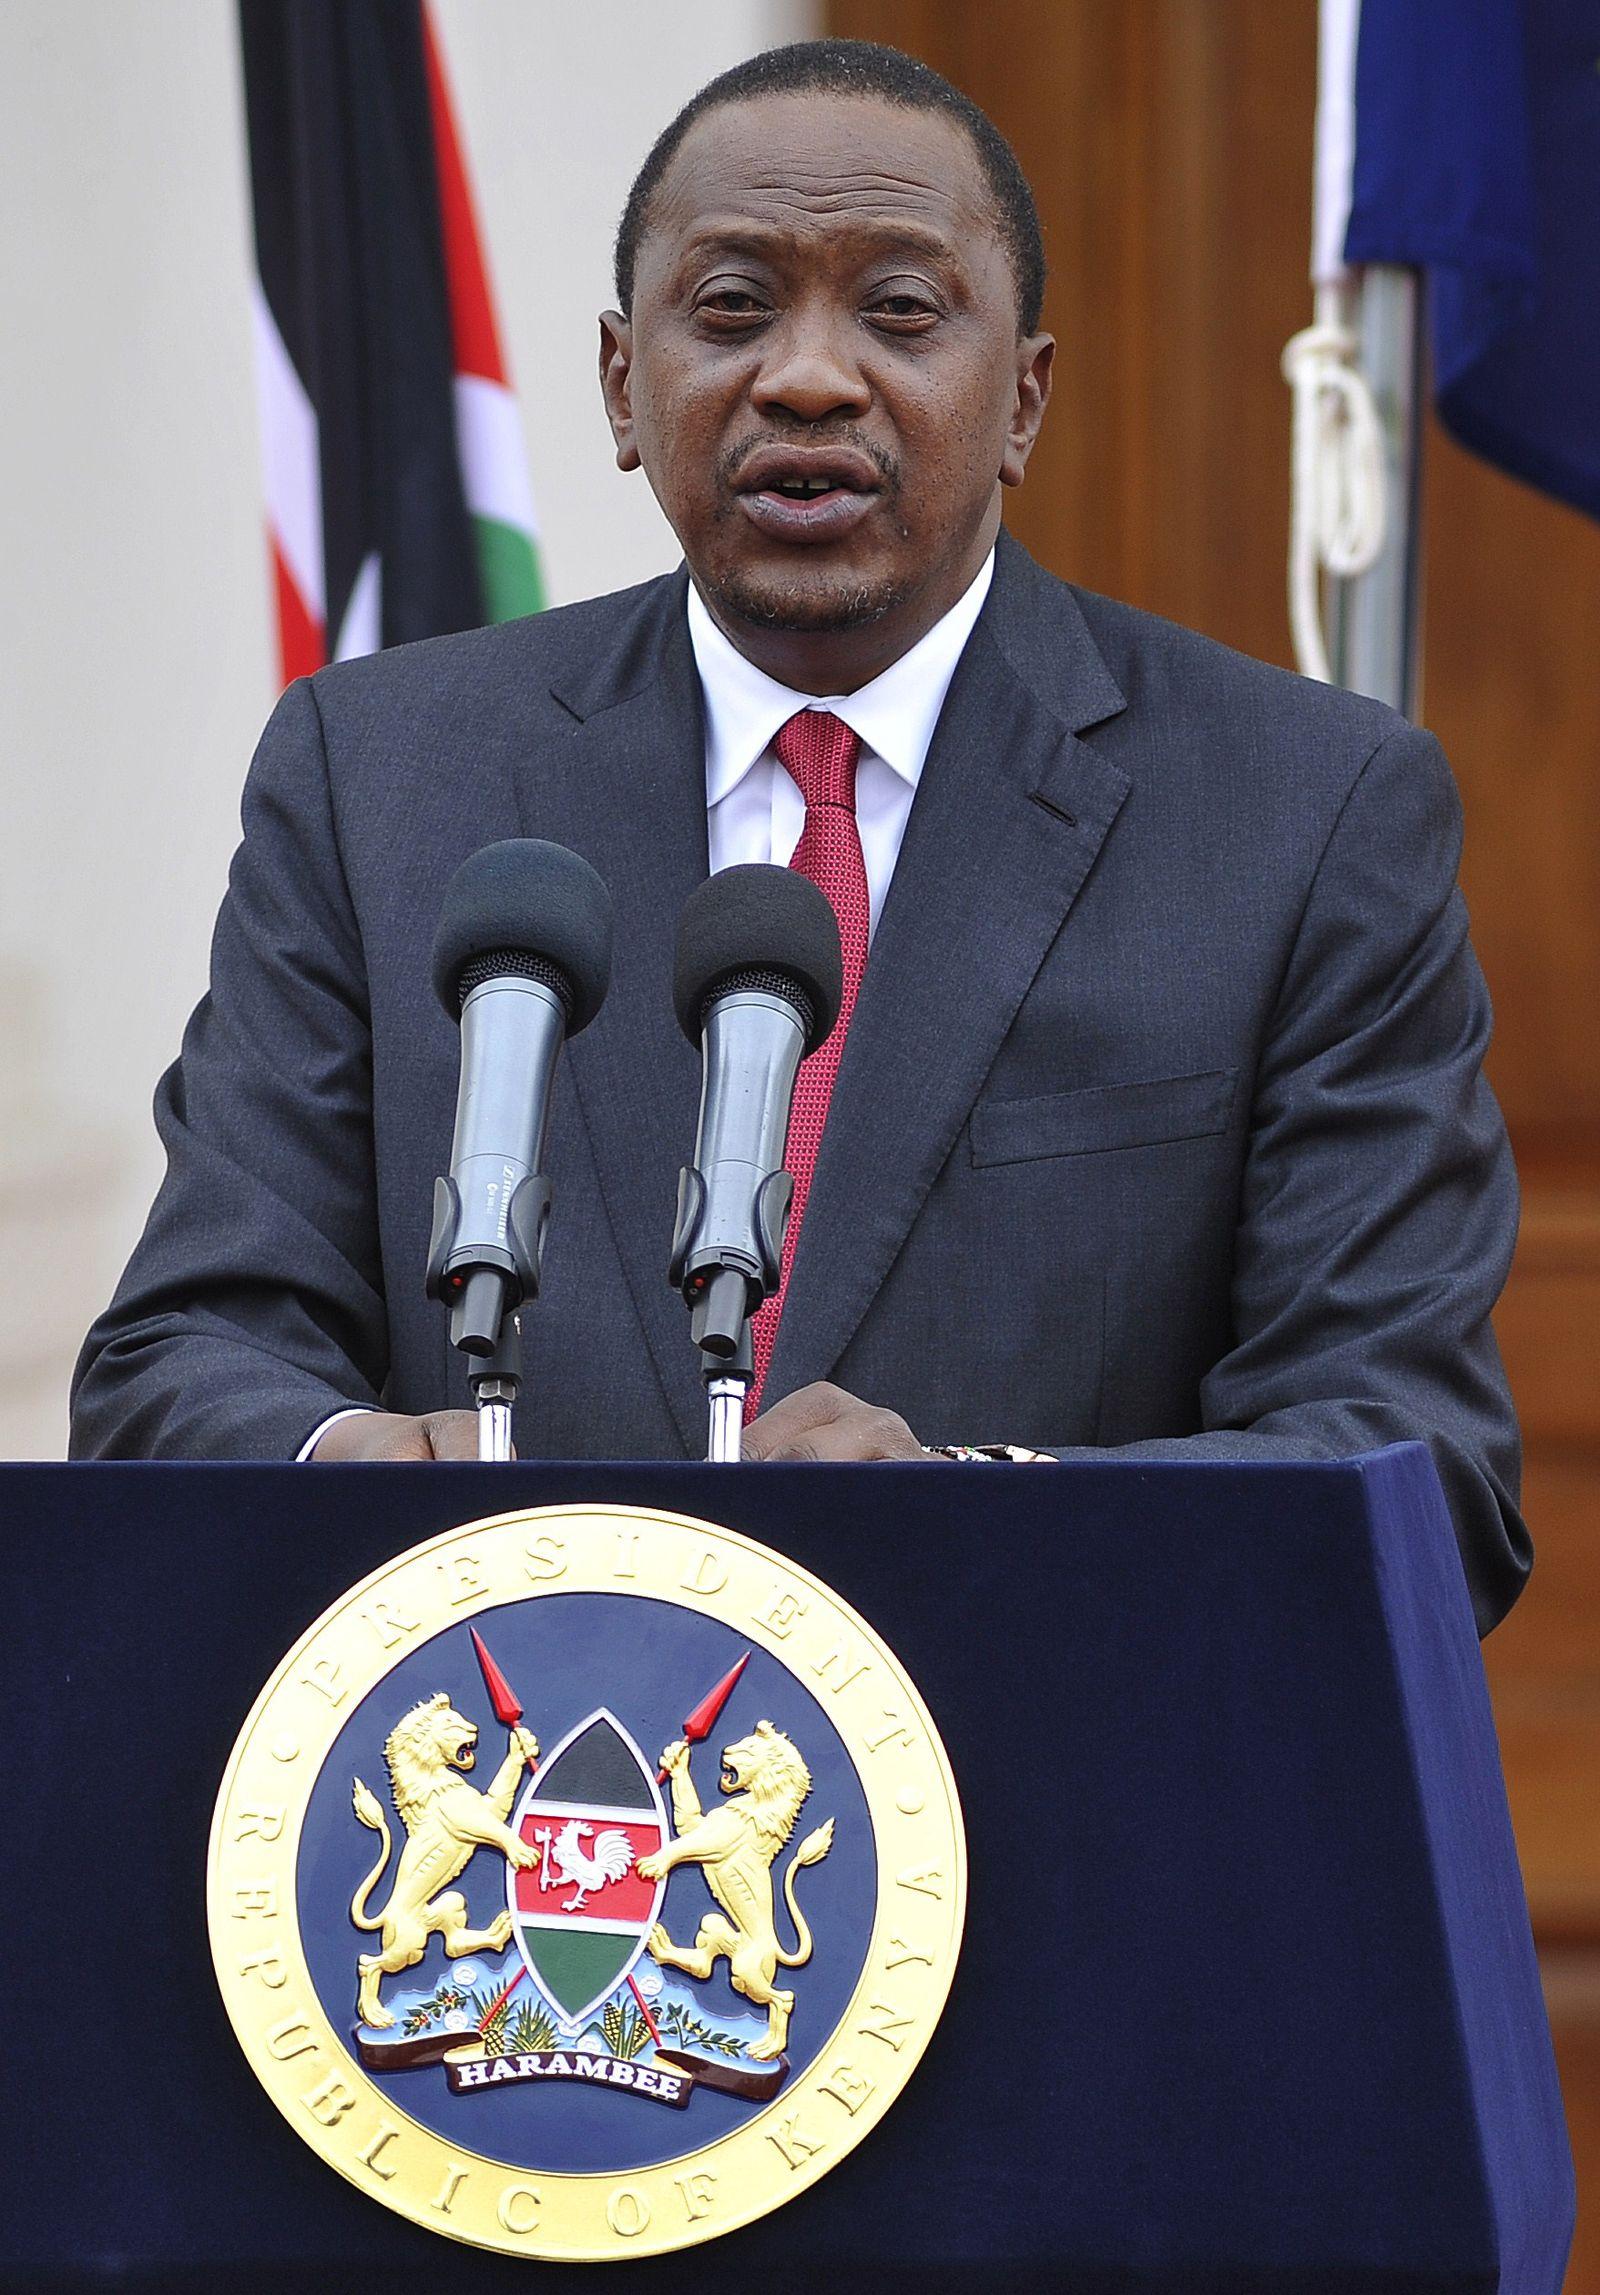 KENYA-ICC-KENYA-KENYATTA-TRIAL-FILES